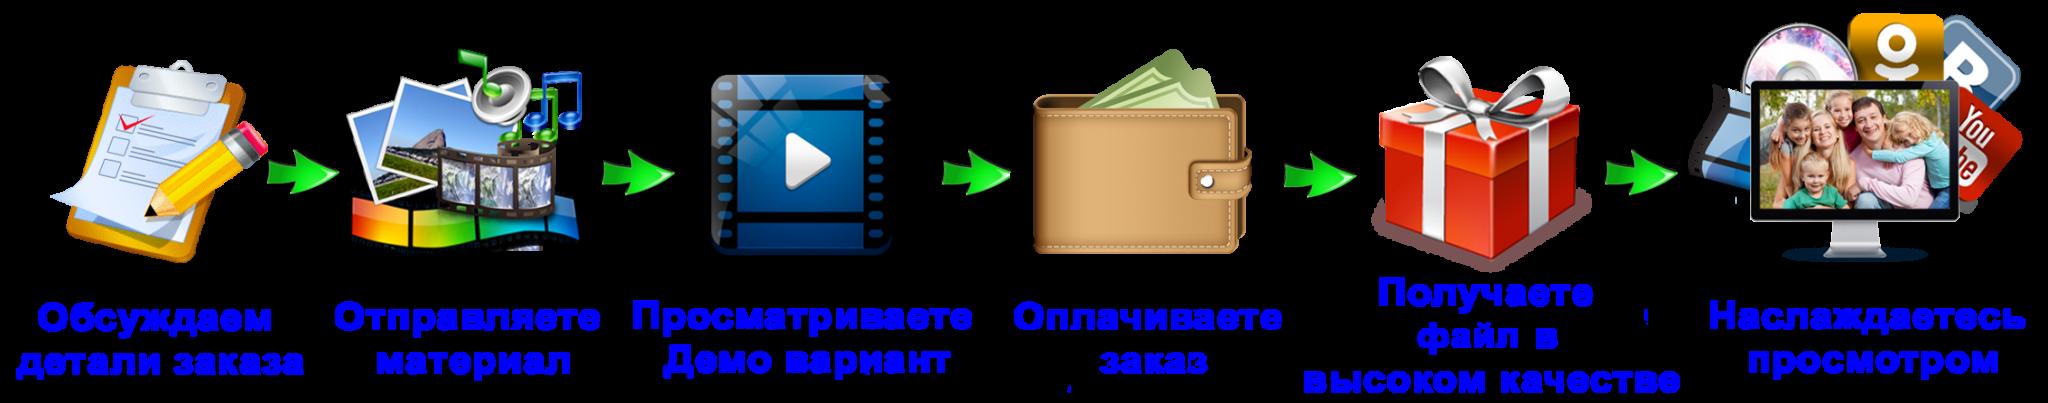 Часто задаваемые вопросы, как заказать монтаж видео в Новосибирске